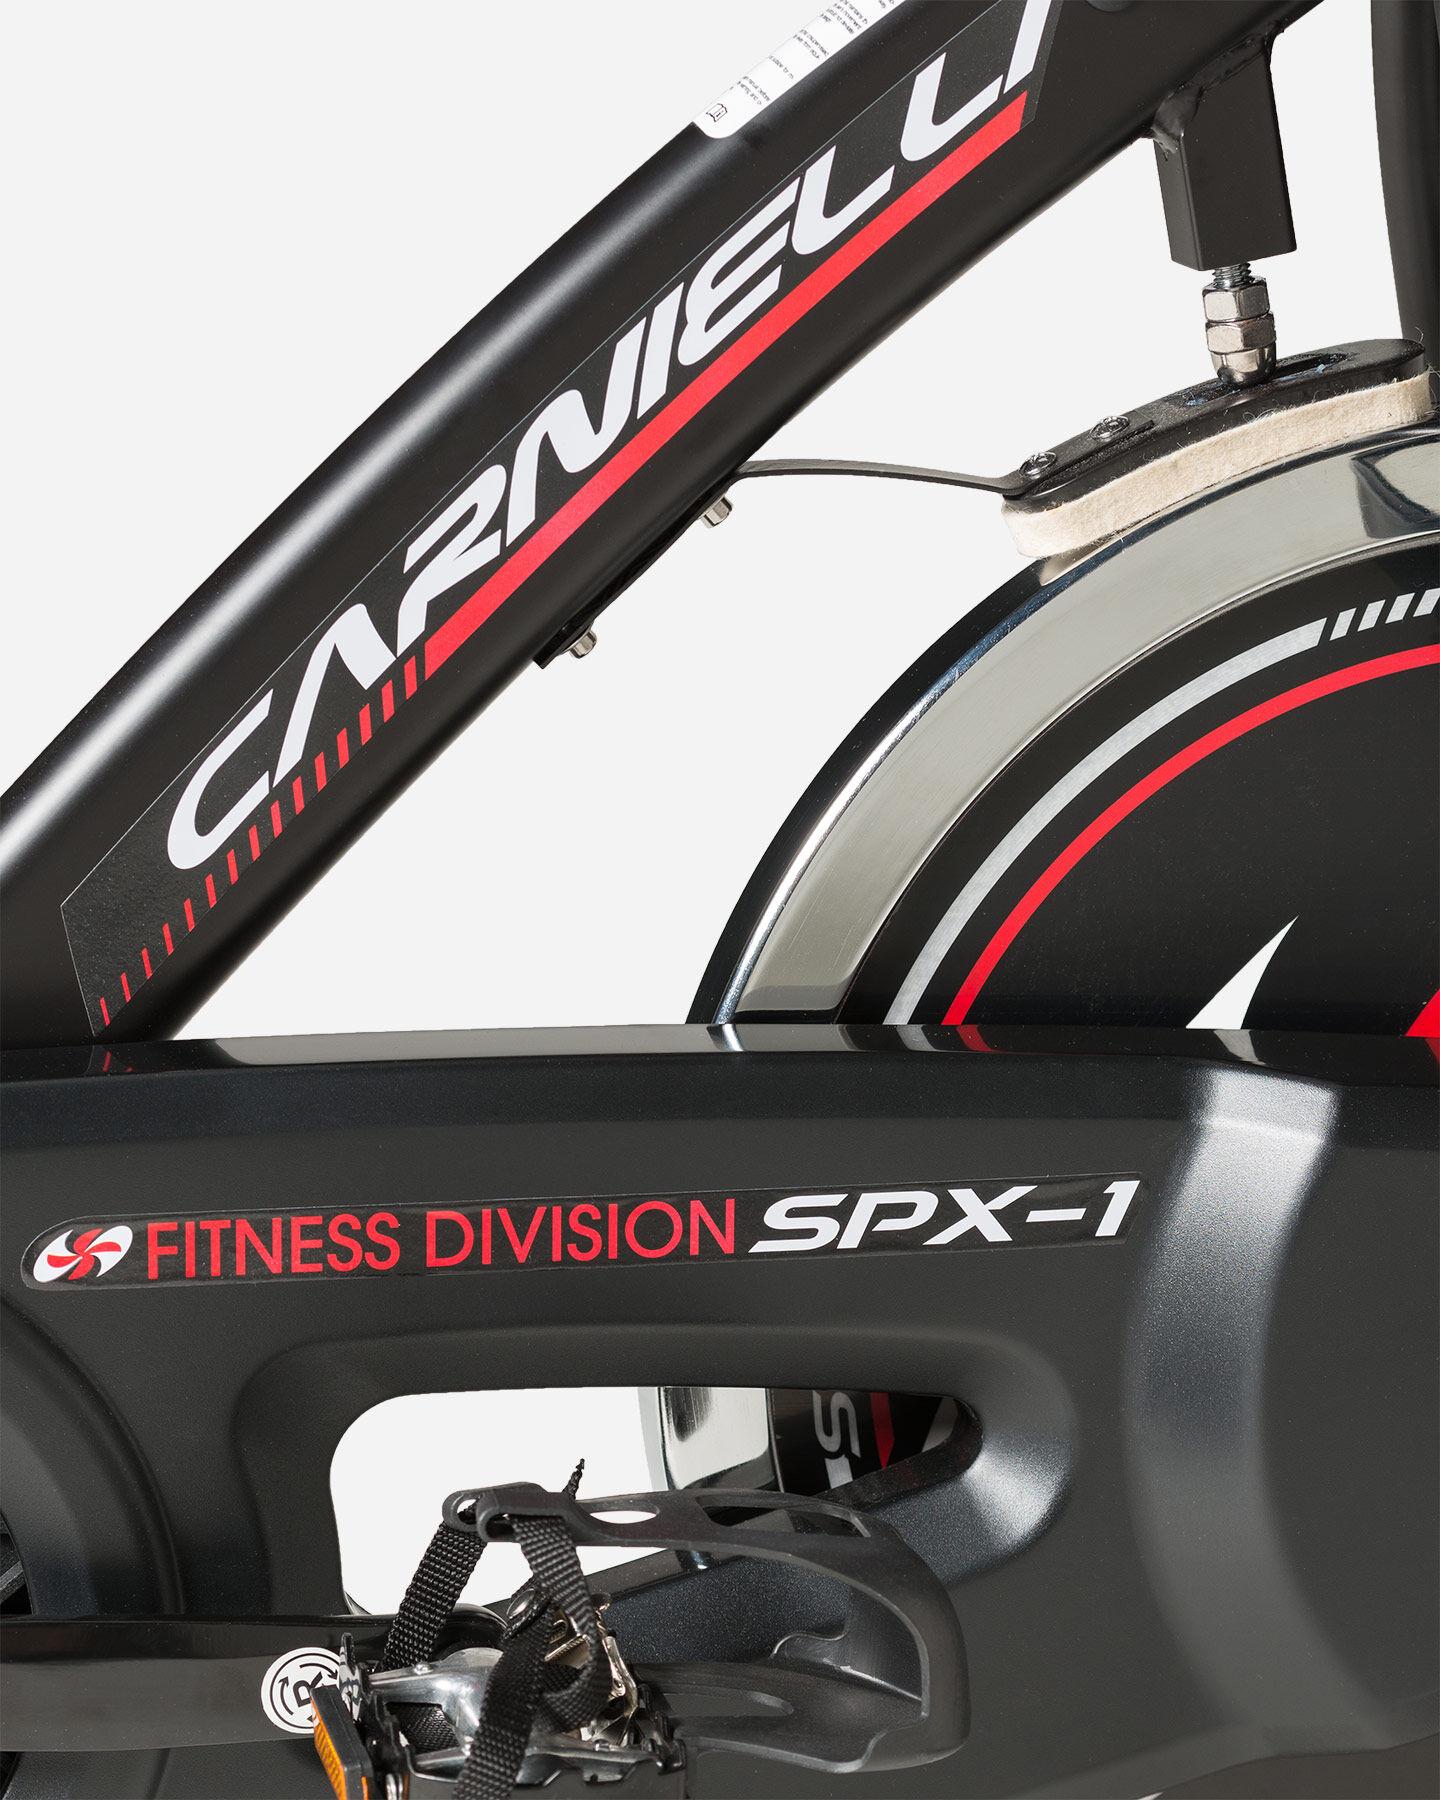 Spin bike CARNIELLI SPX-1 S4003830|1|UNI scatto 2